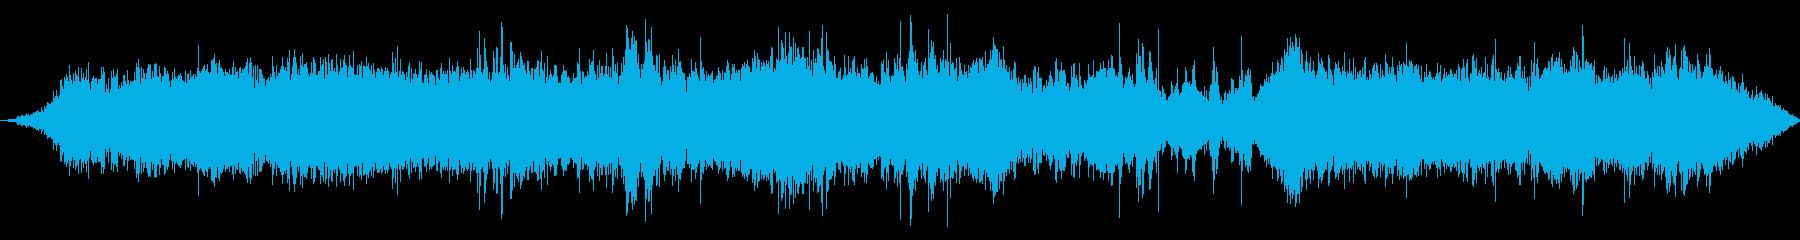 ディーゼル配達ボックストラック:I...の再生済みの波形